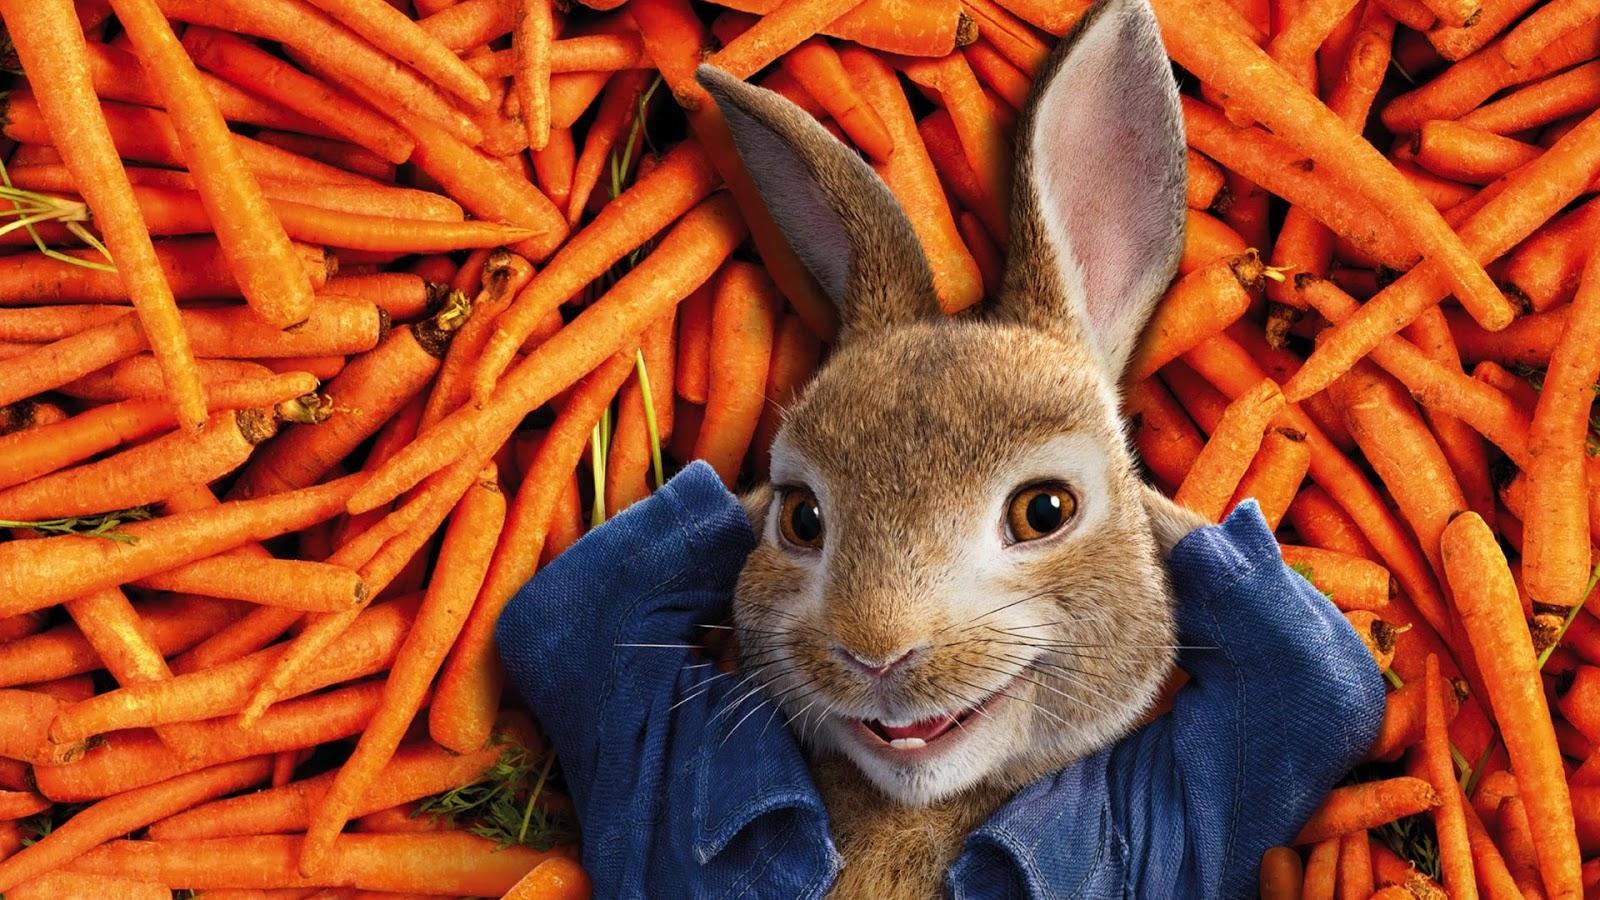 Resultado de imagem para pedro rabbit movie